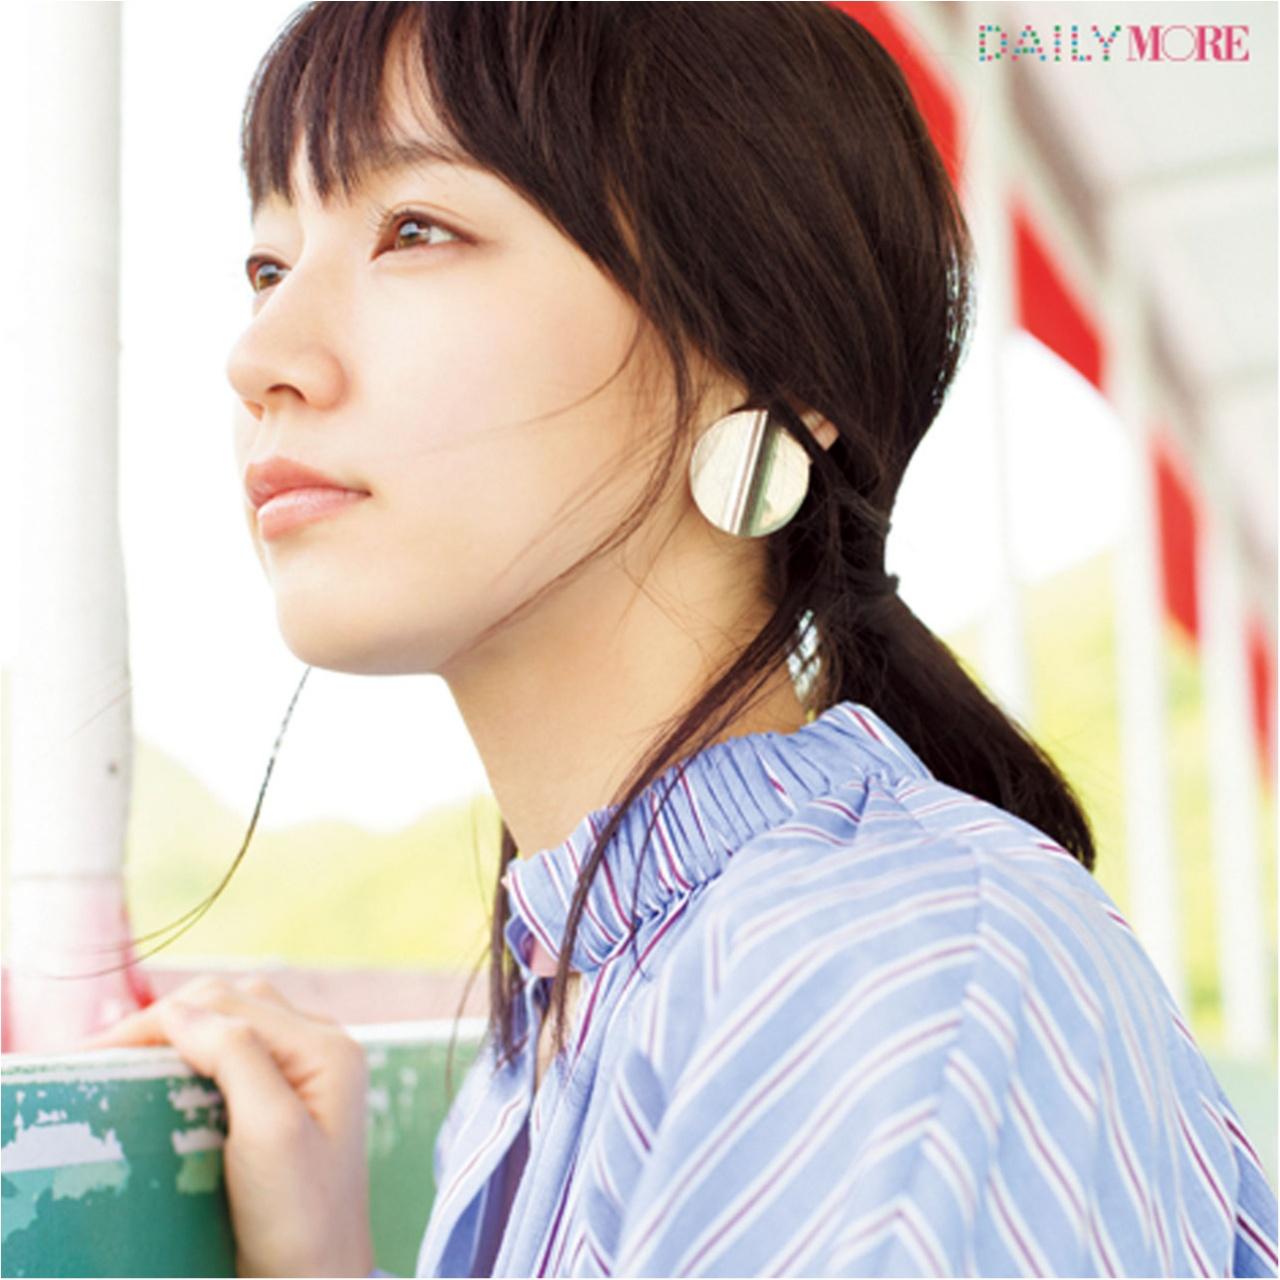 女優・吉岡里帆さんのお気に入りワンピースは、爽やかに女っぽいストライプ柄♪_2_1